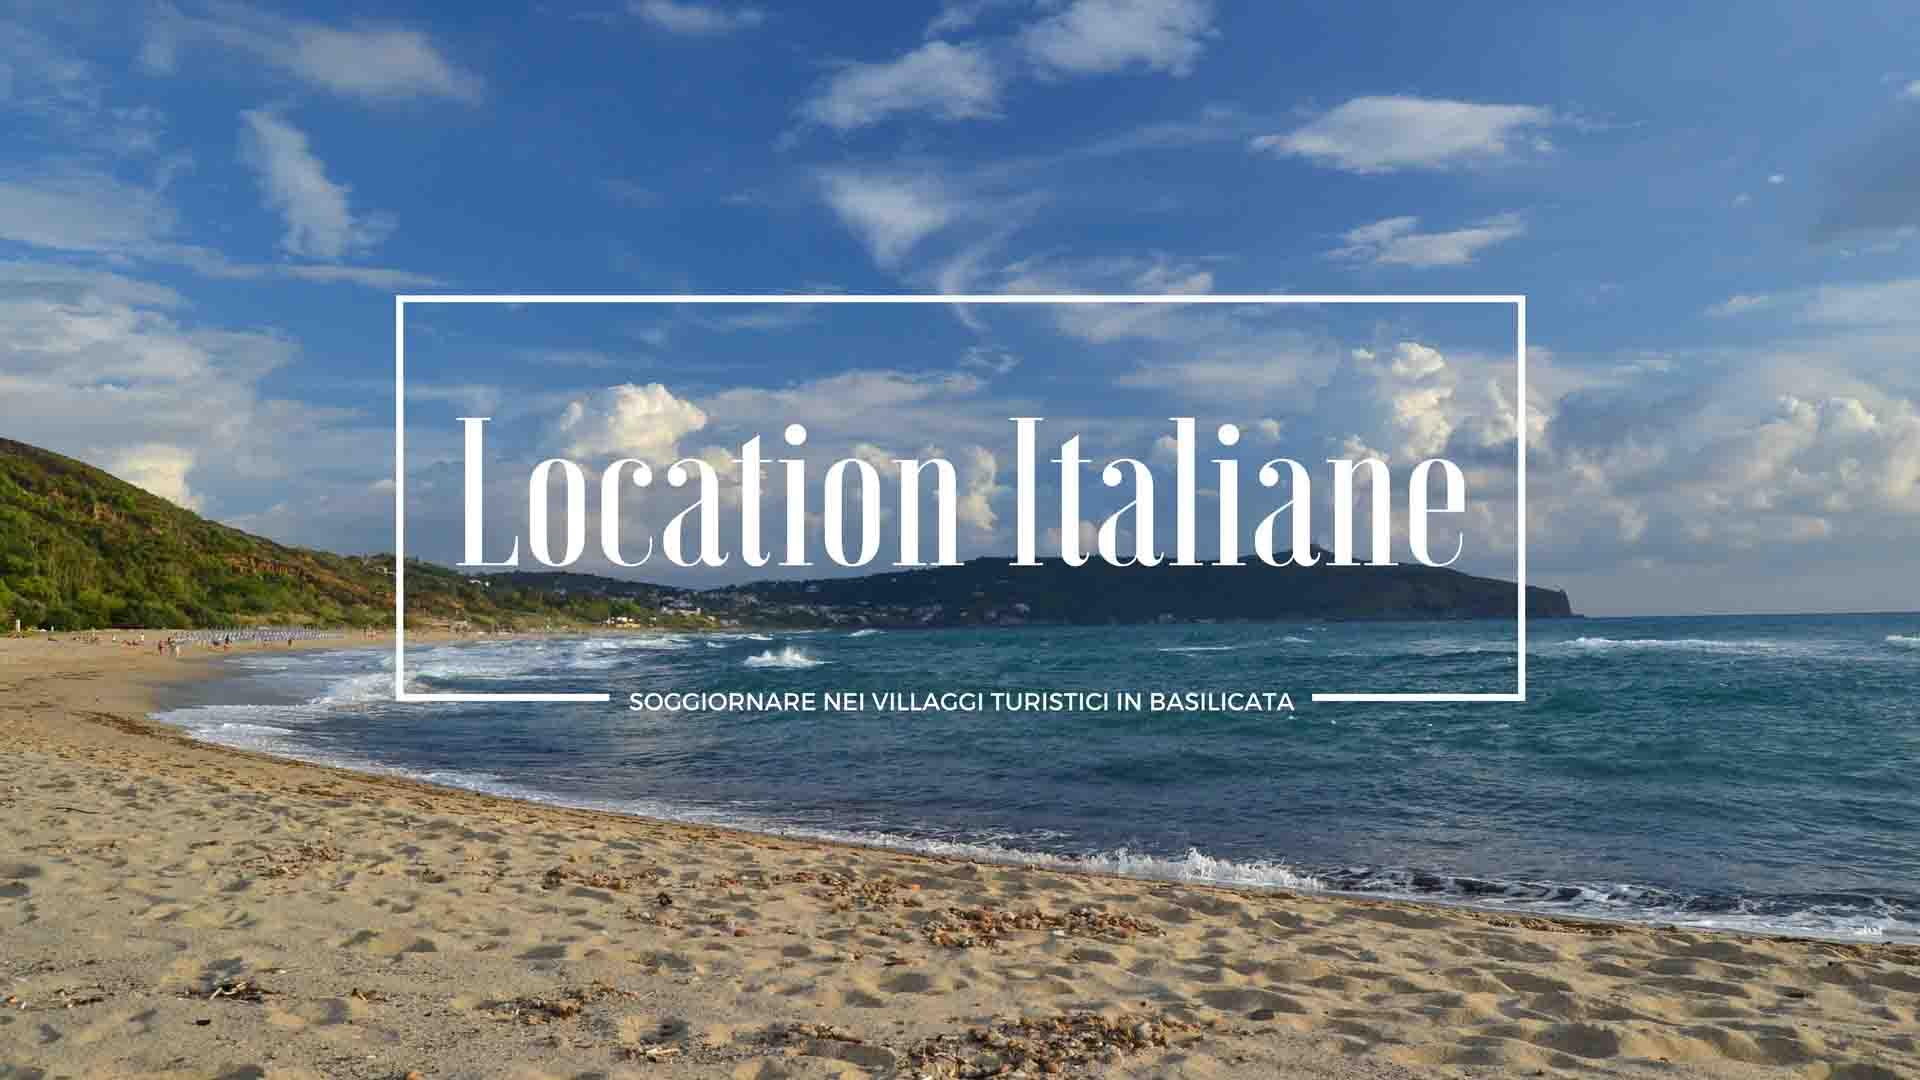 Soggiornare nei villaggi turistici in Basilicata - Location Italiane